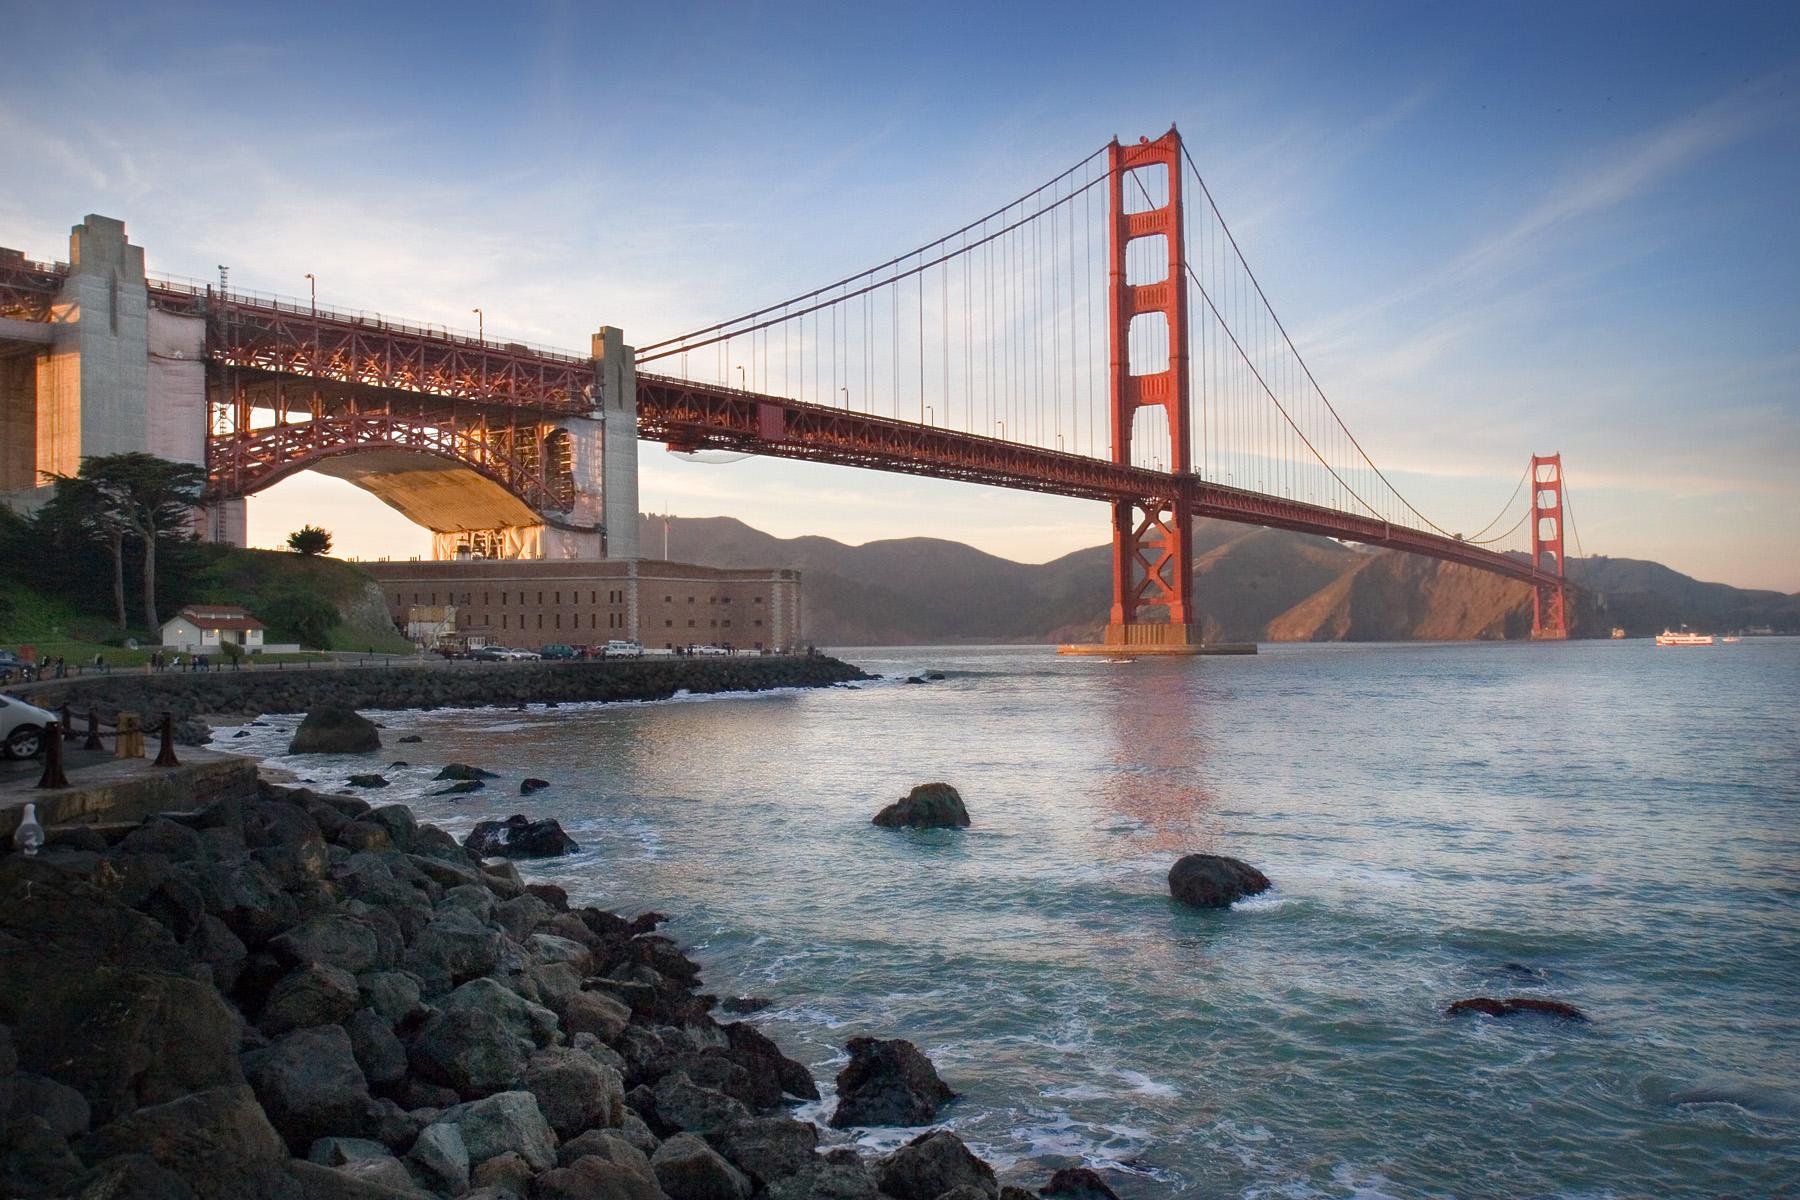 Golden gate bridge from ground level